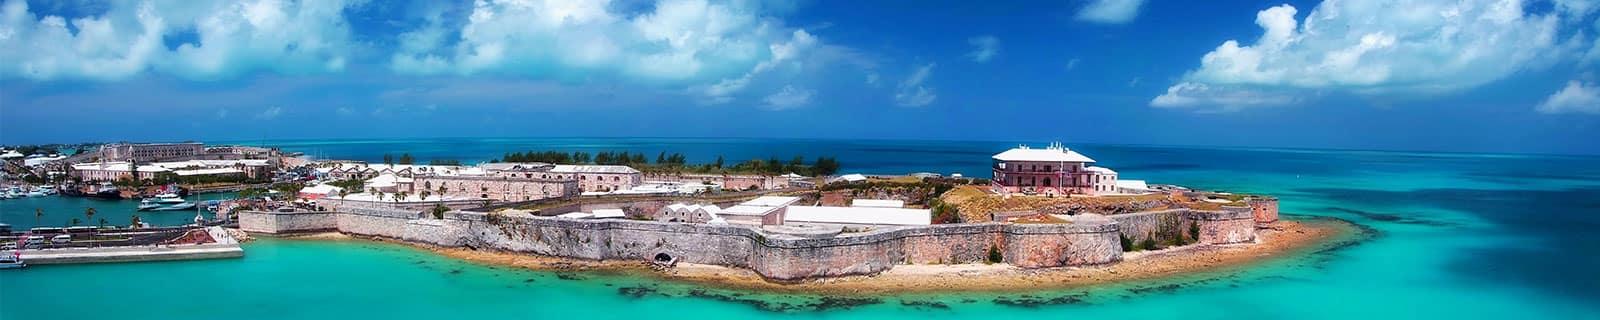 Bermuda Cruises Norwegian Cruise Line - Cruises from boston to bermuda